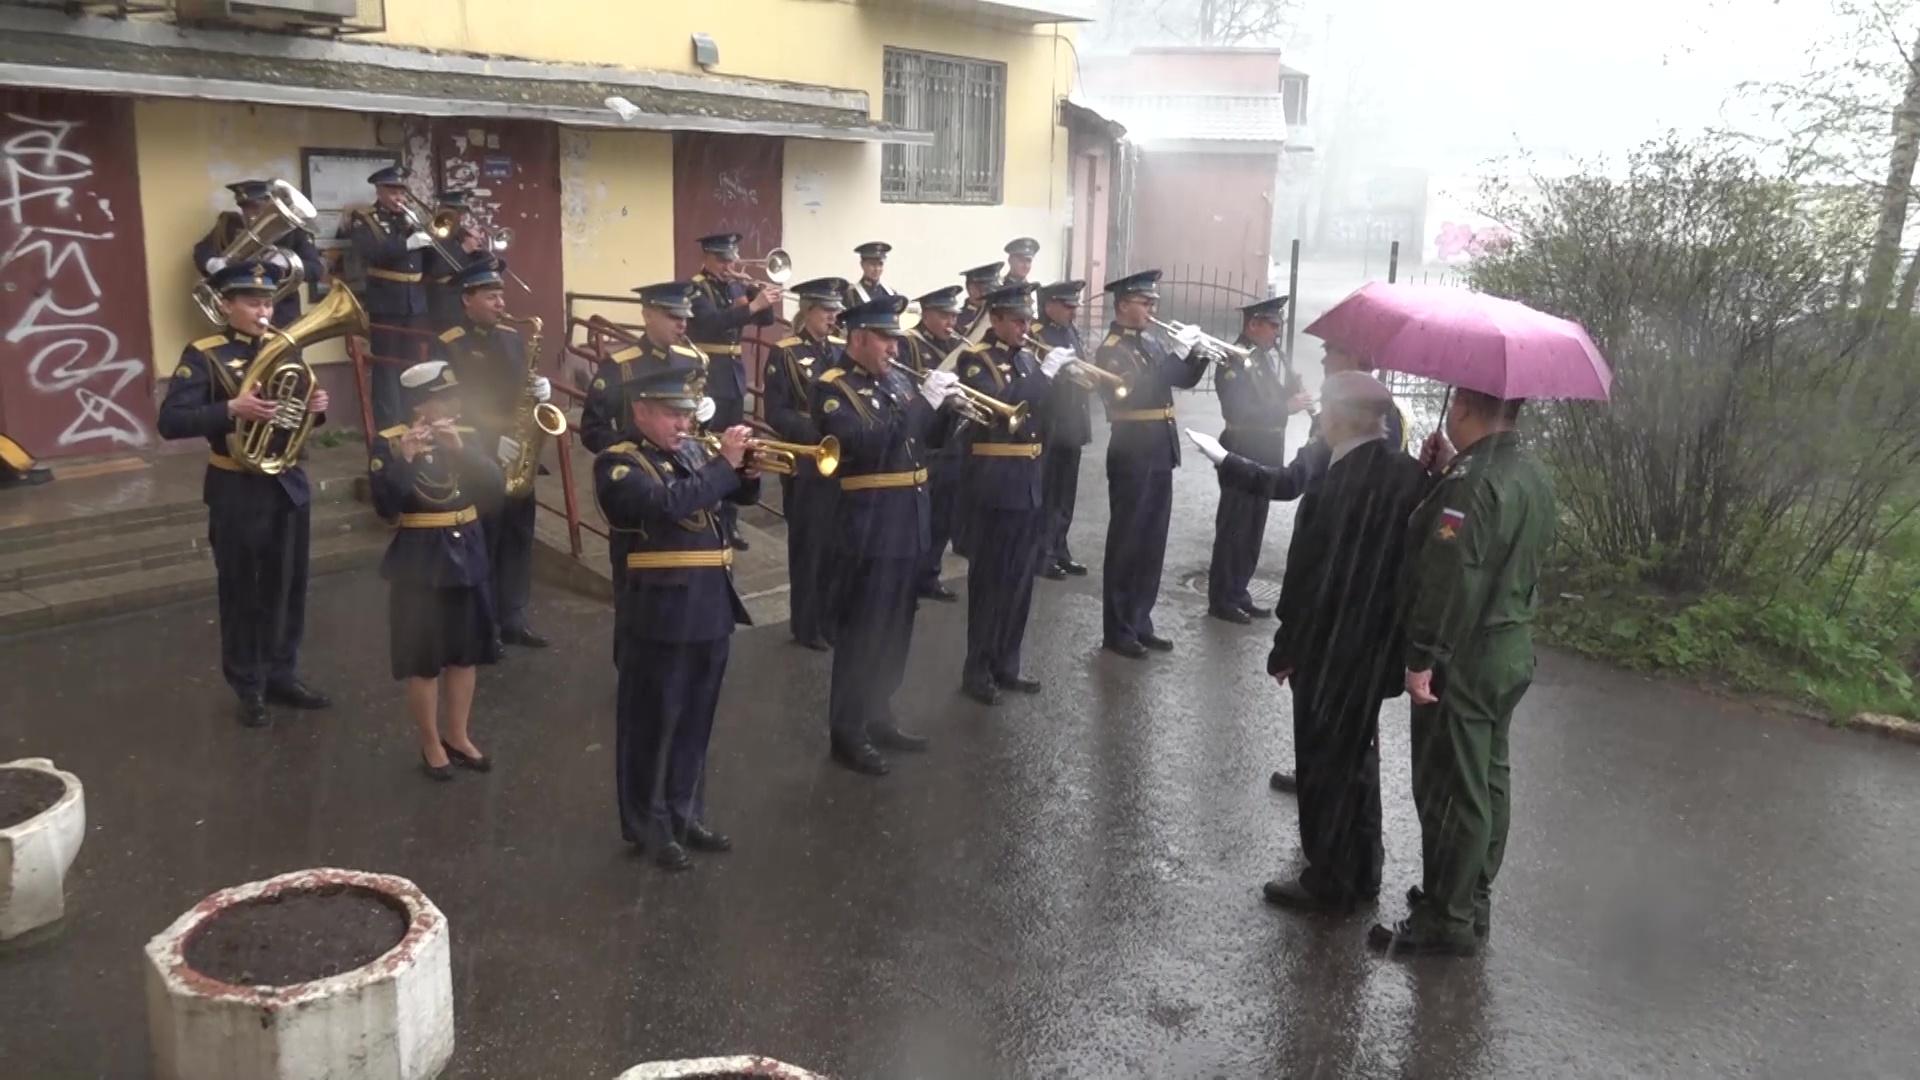 Ярославского ветерана поздравили с Днем Победы выступлением оркестра под окнами